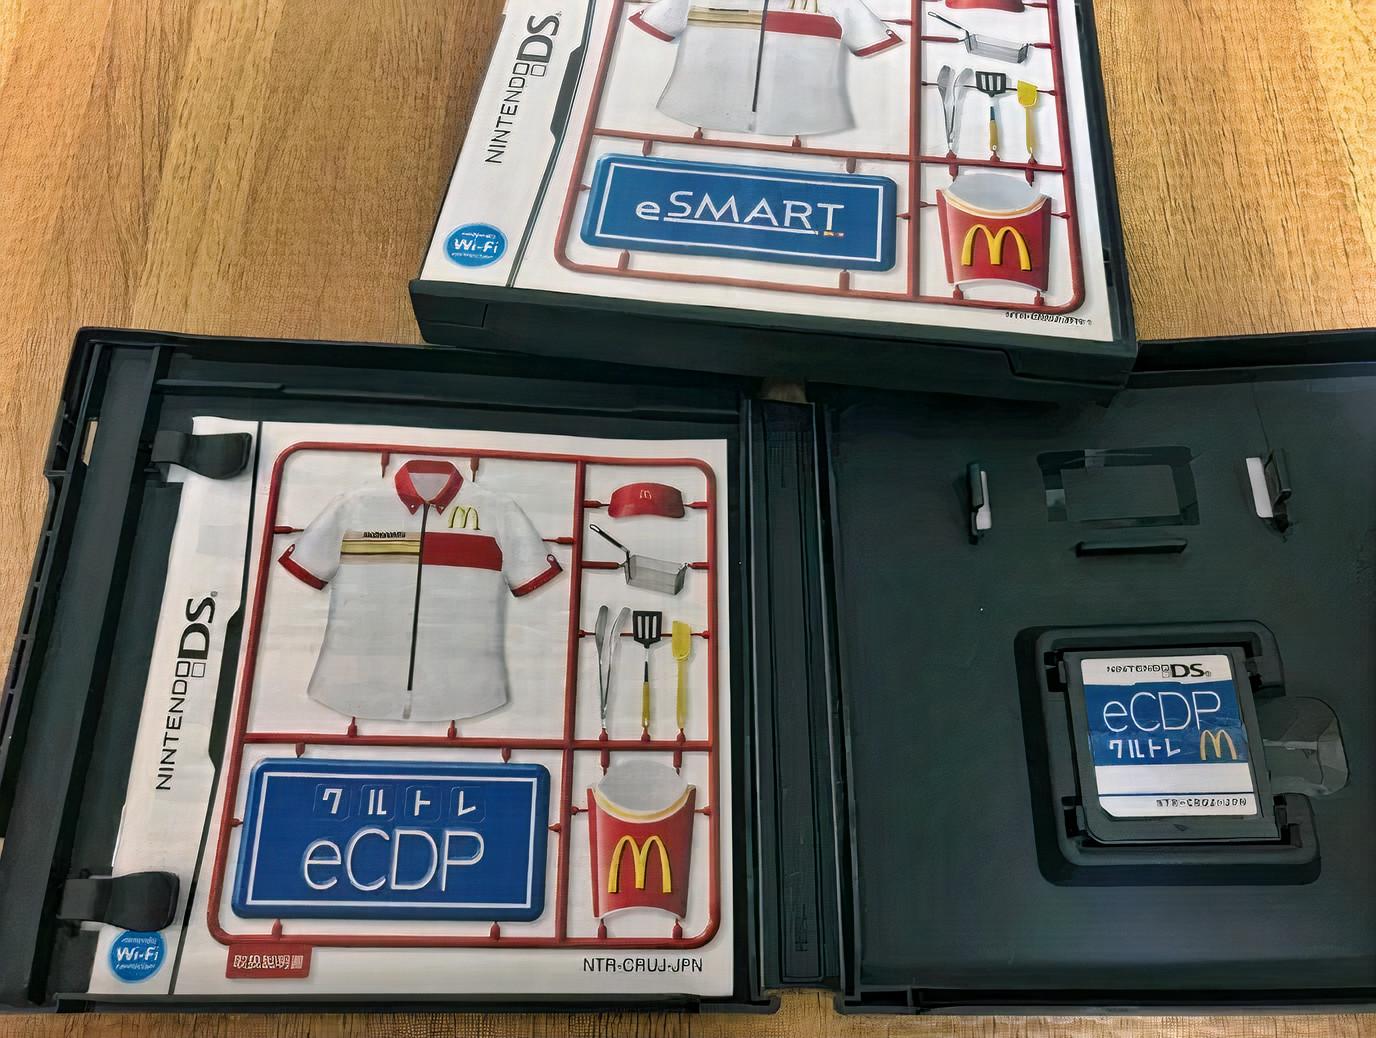 Conoce el fascinante juego de entrenamiento McDonalds Nintendo DS eCDP